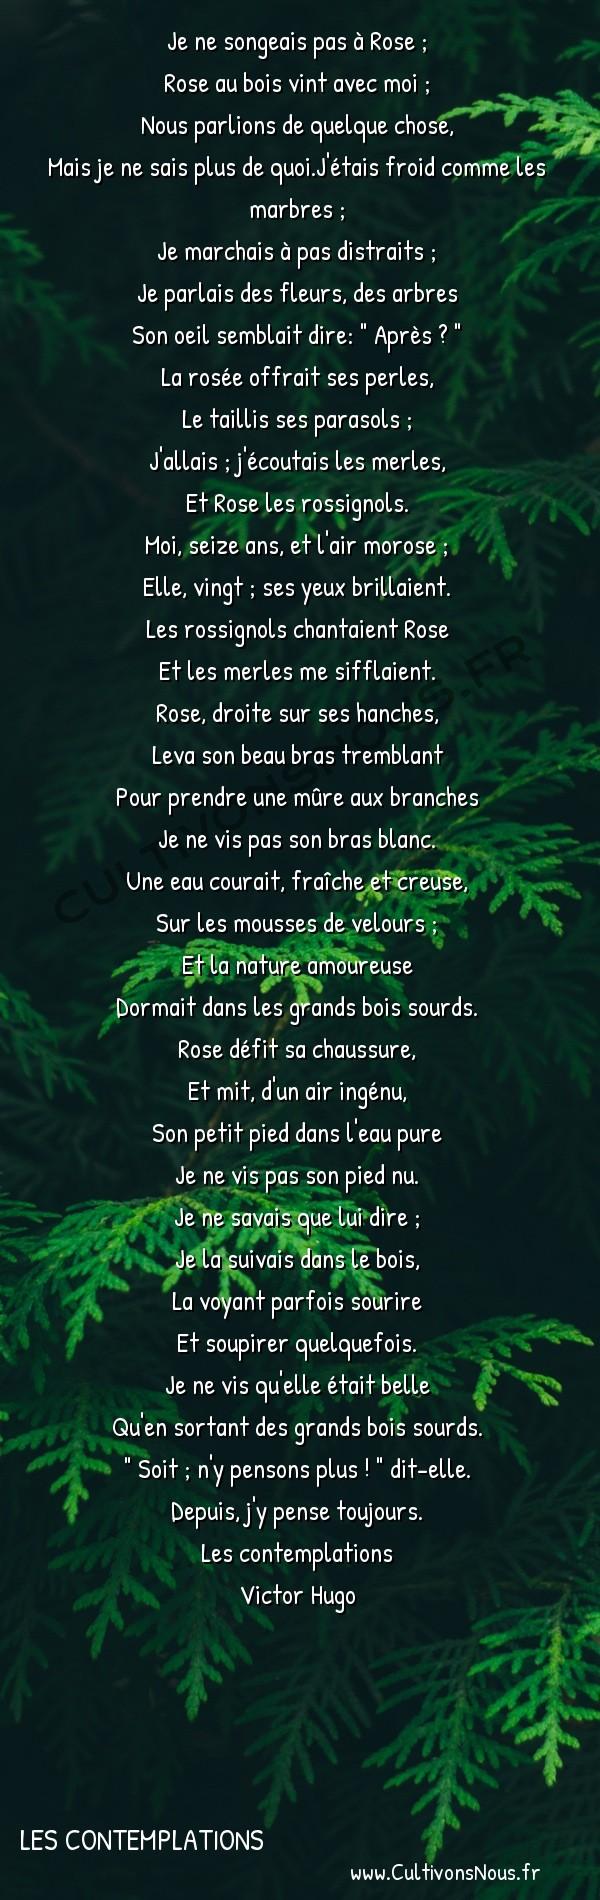 Poésie Victor Hugo - Les contemplations - Vieille chanson du jeune temps -  Je ne songeais pas à Rose ; Rose au bois vint avec moi ;